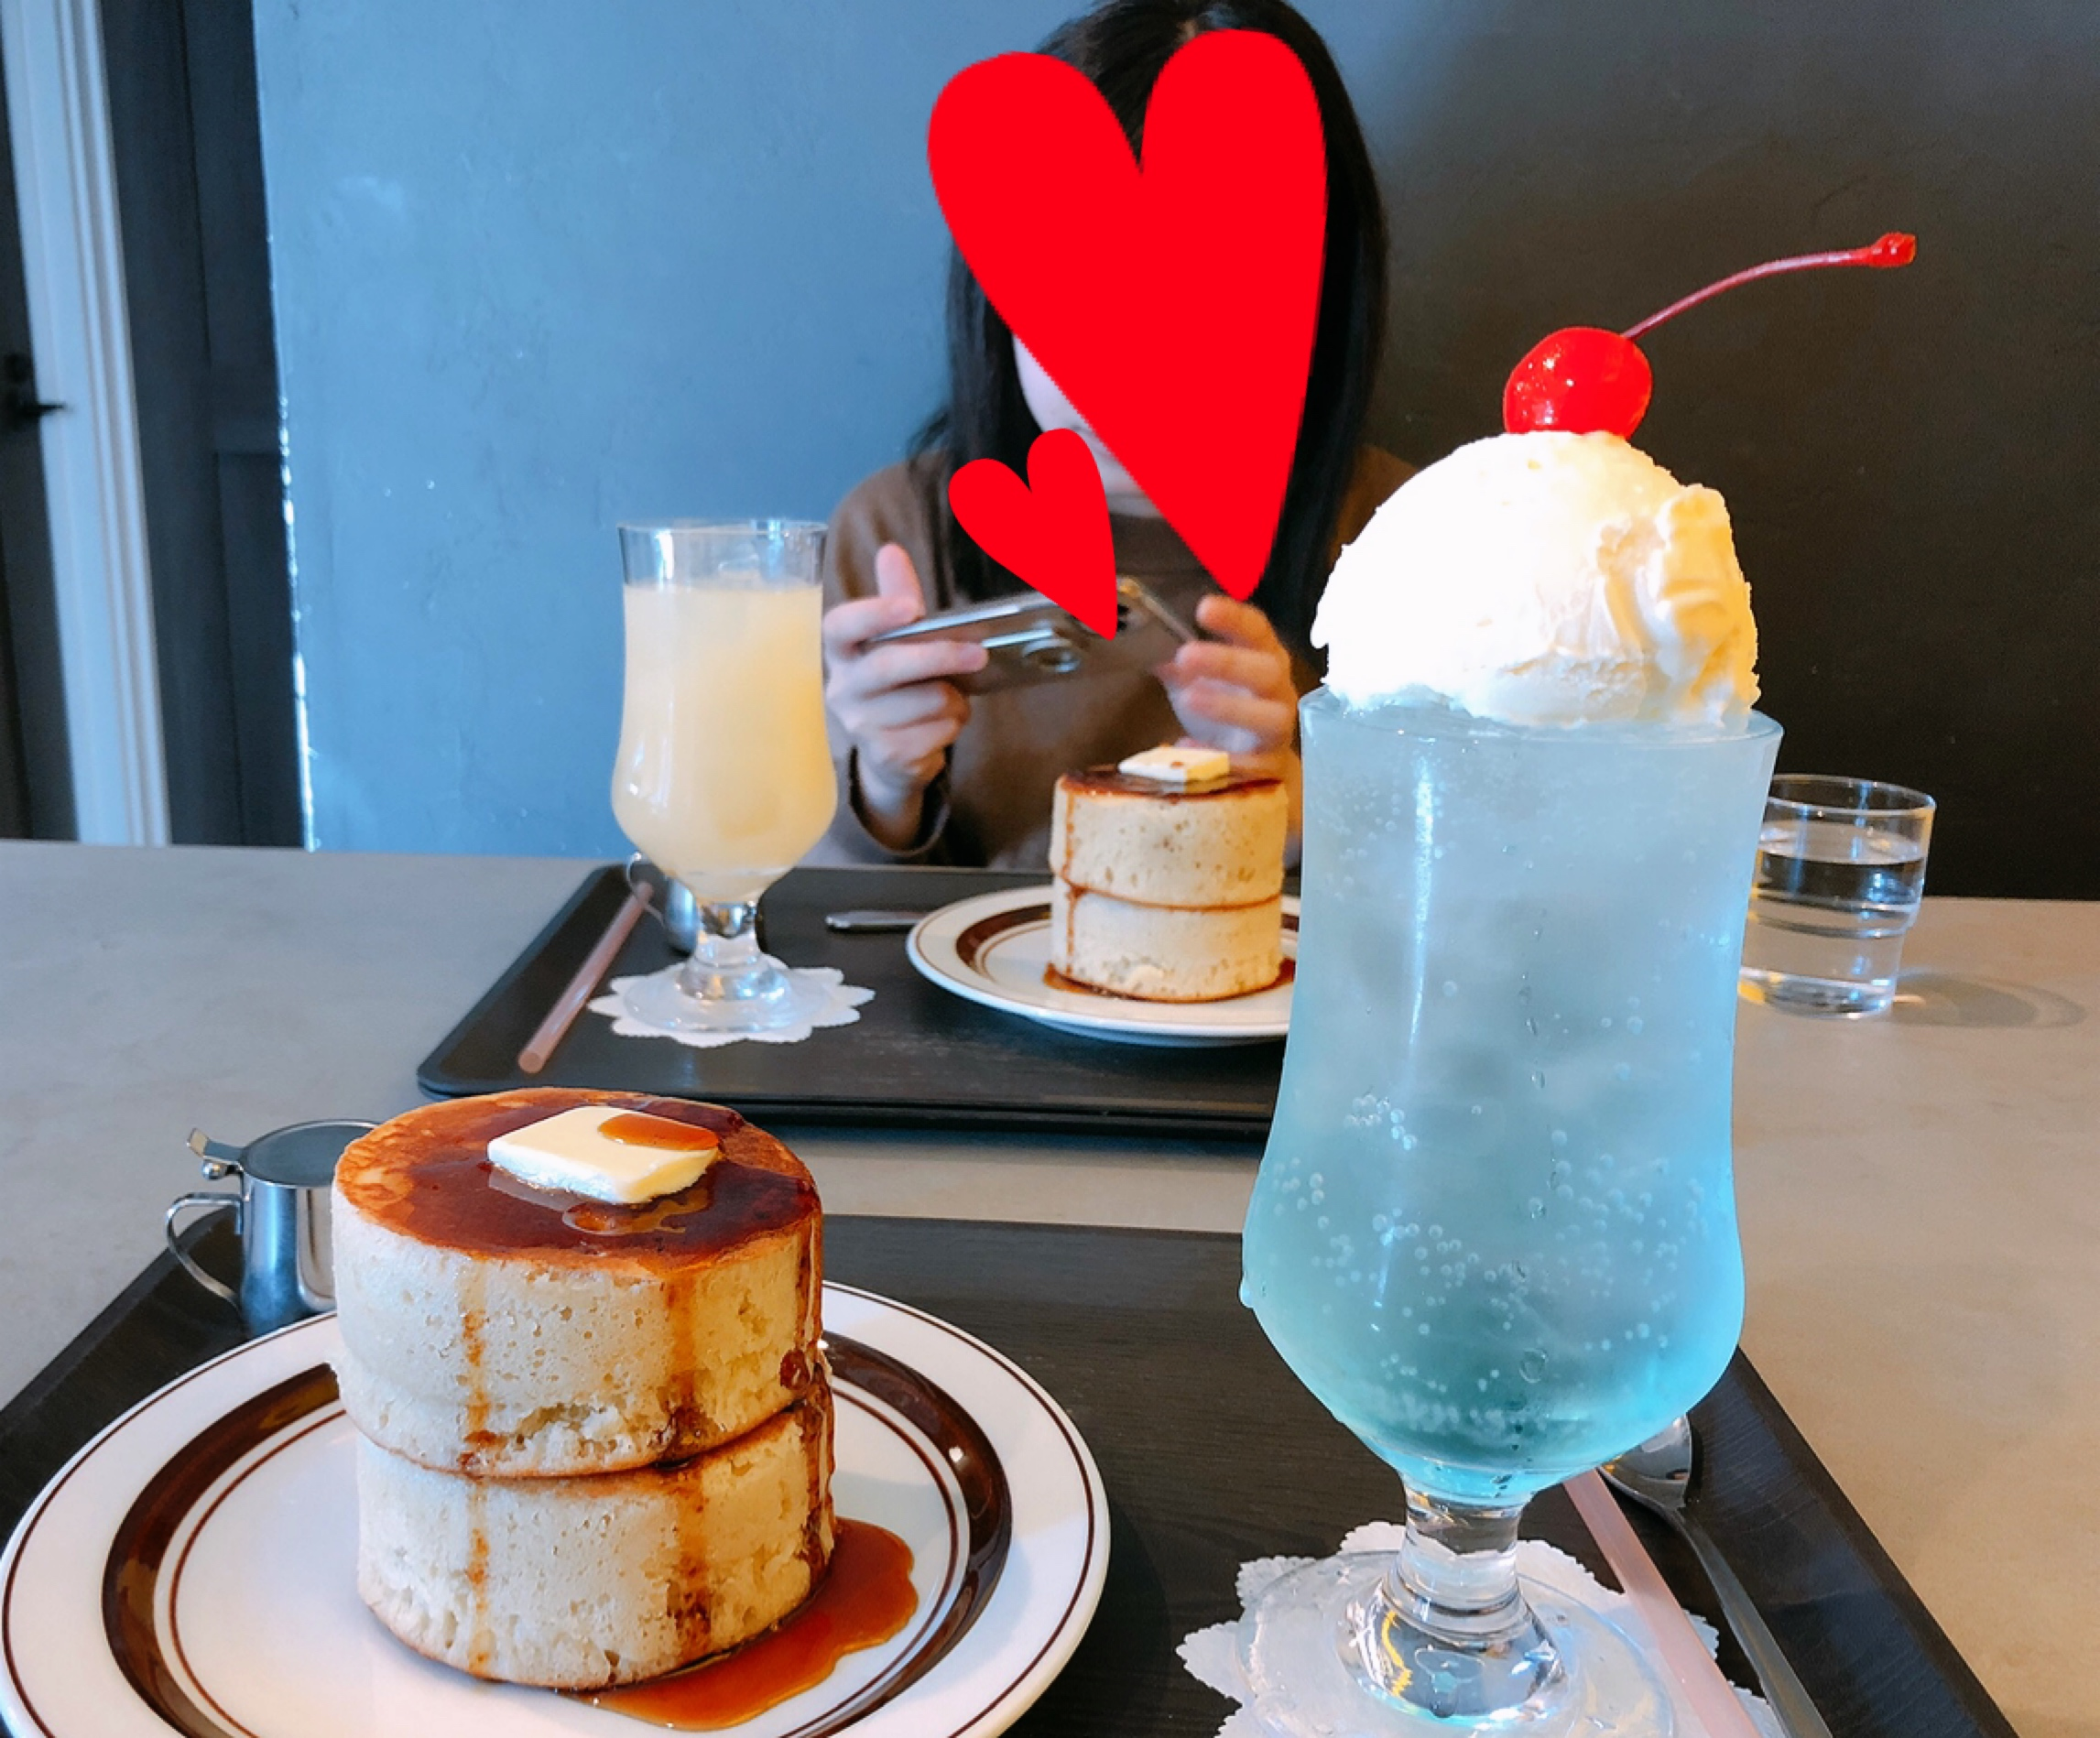 【#静岡】空色クリームソーダとふかふか3Dホットケーキ♡純喫茶風のモダンなカフェ《8COFFEE》_9